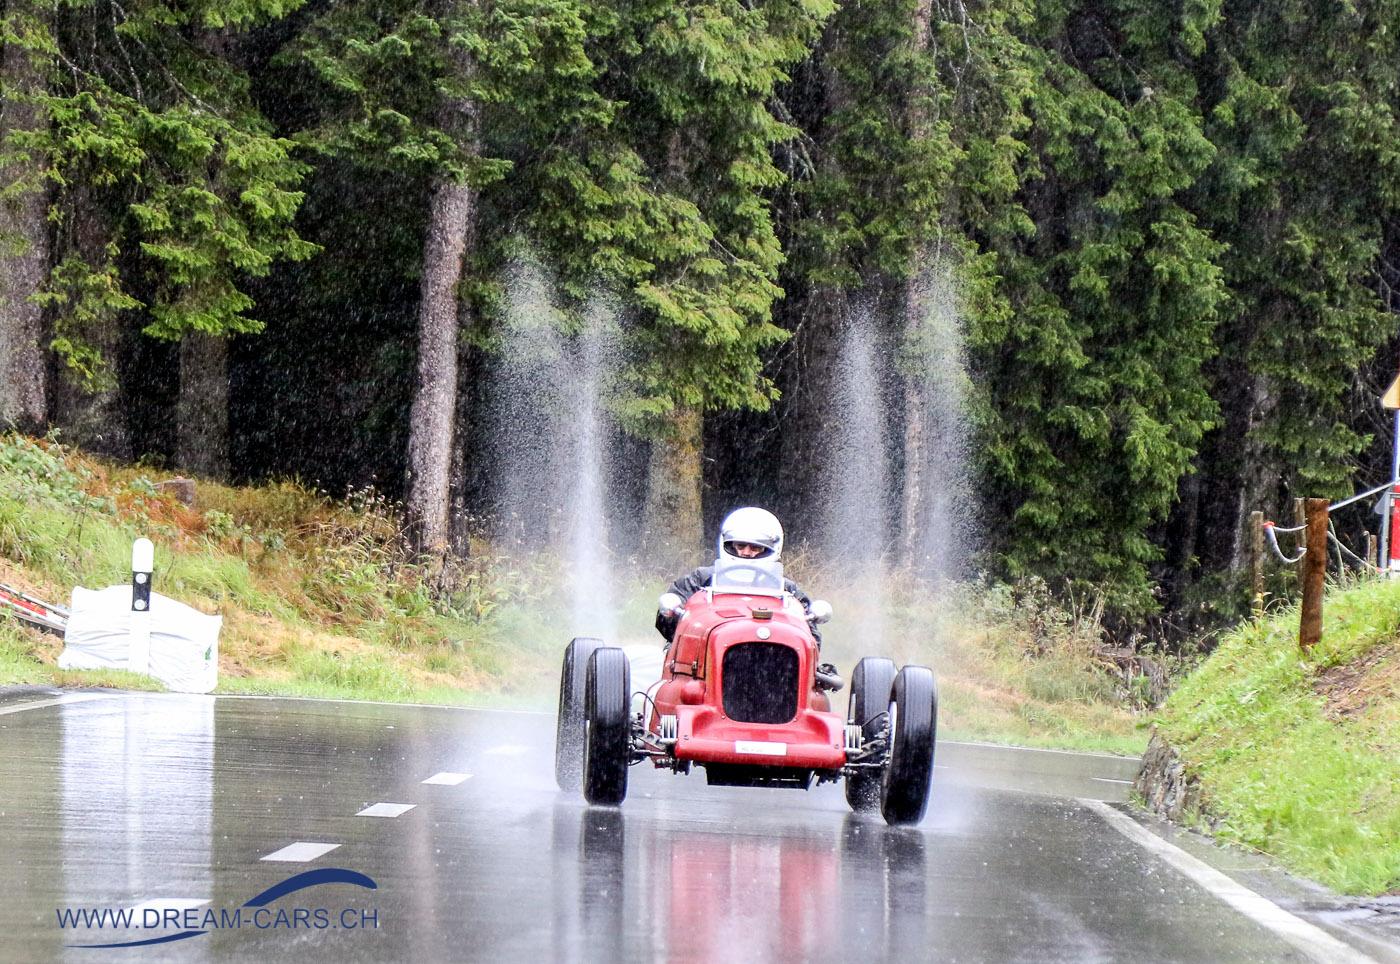 Arosa ClaaaicCar 2018, Ein leider typisches Bild dieses Jahr, Regen, Regen, Regen. Dafür gibt es spektakuläre Bilder. Hier Urs Schweinfurth mit seinem MG K1